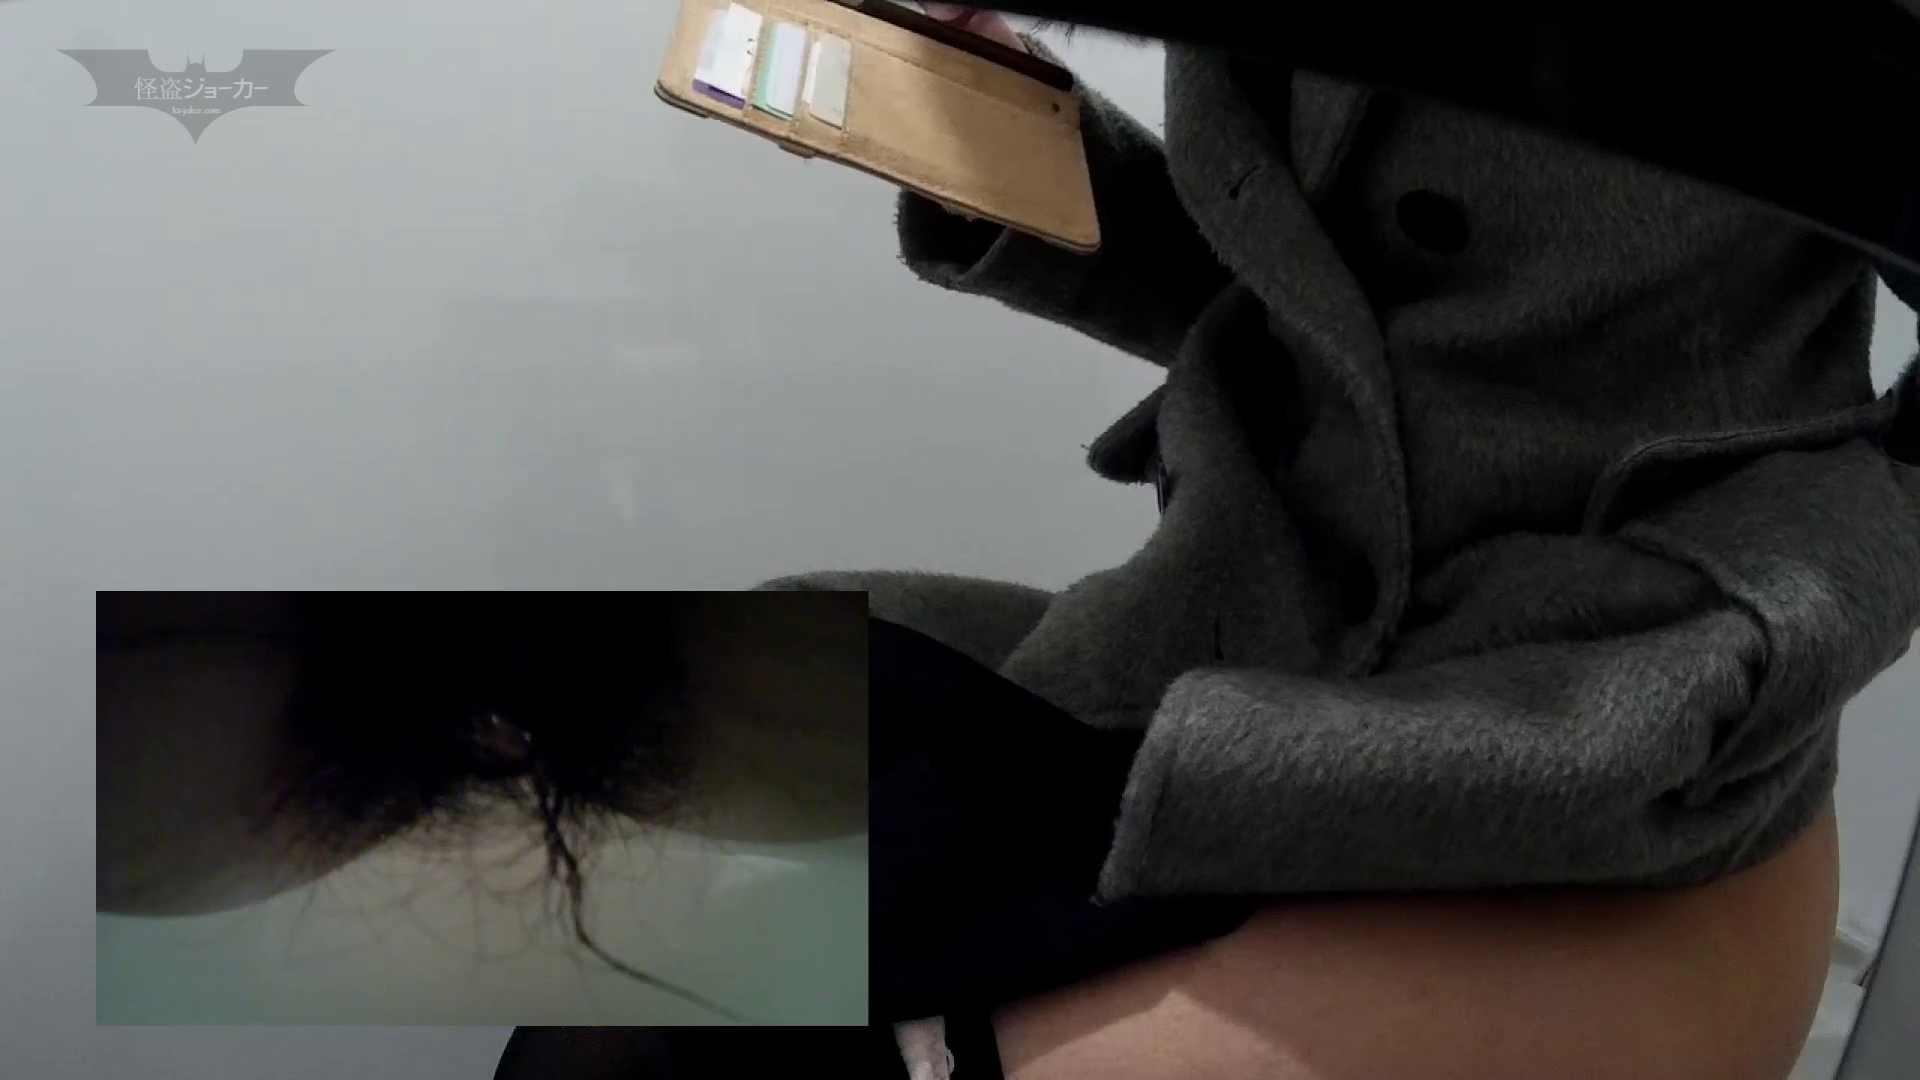 有名大学女性洗面所 vol.58 アンダーヘアーも冬支度? 和式で・・・ セックス無修正動画無料 111画像 88